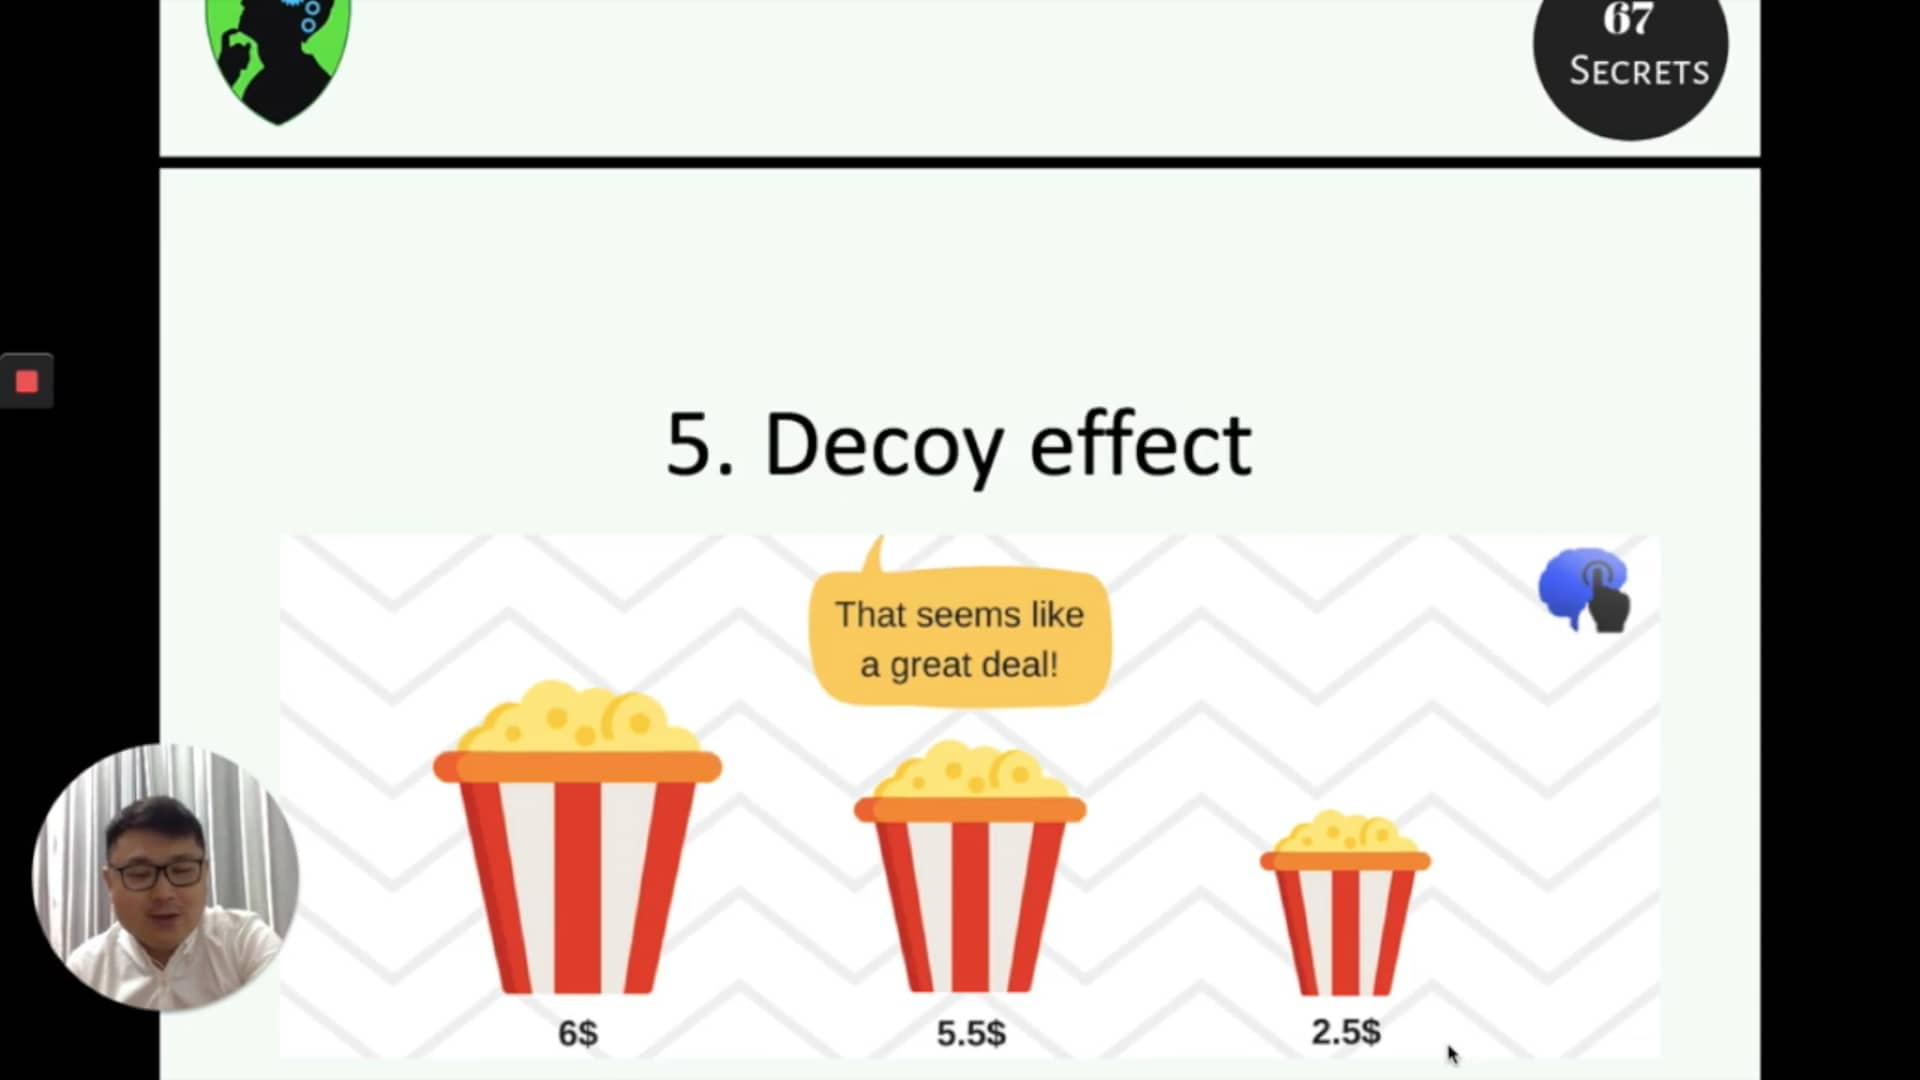 5. Decoy effect